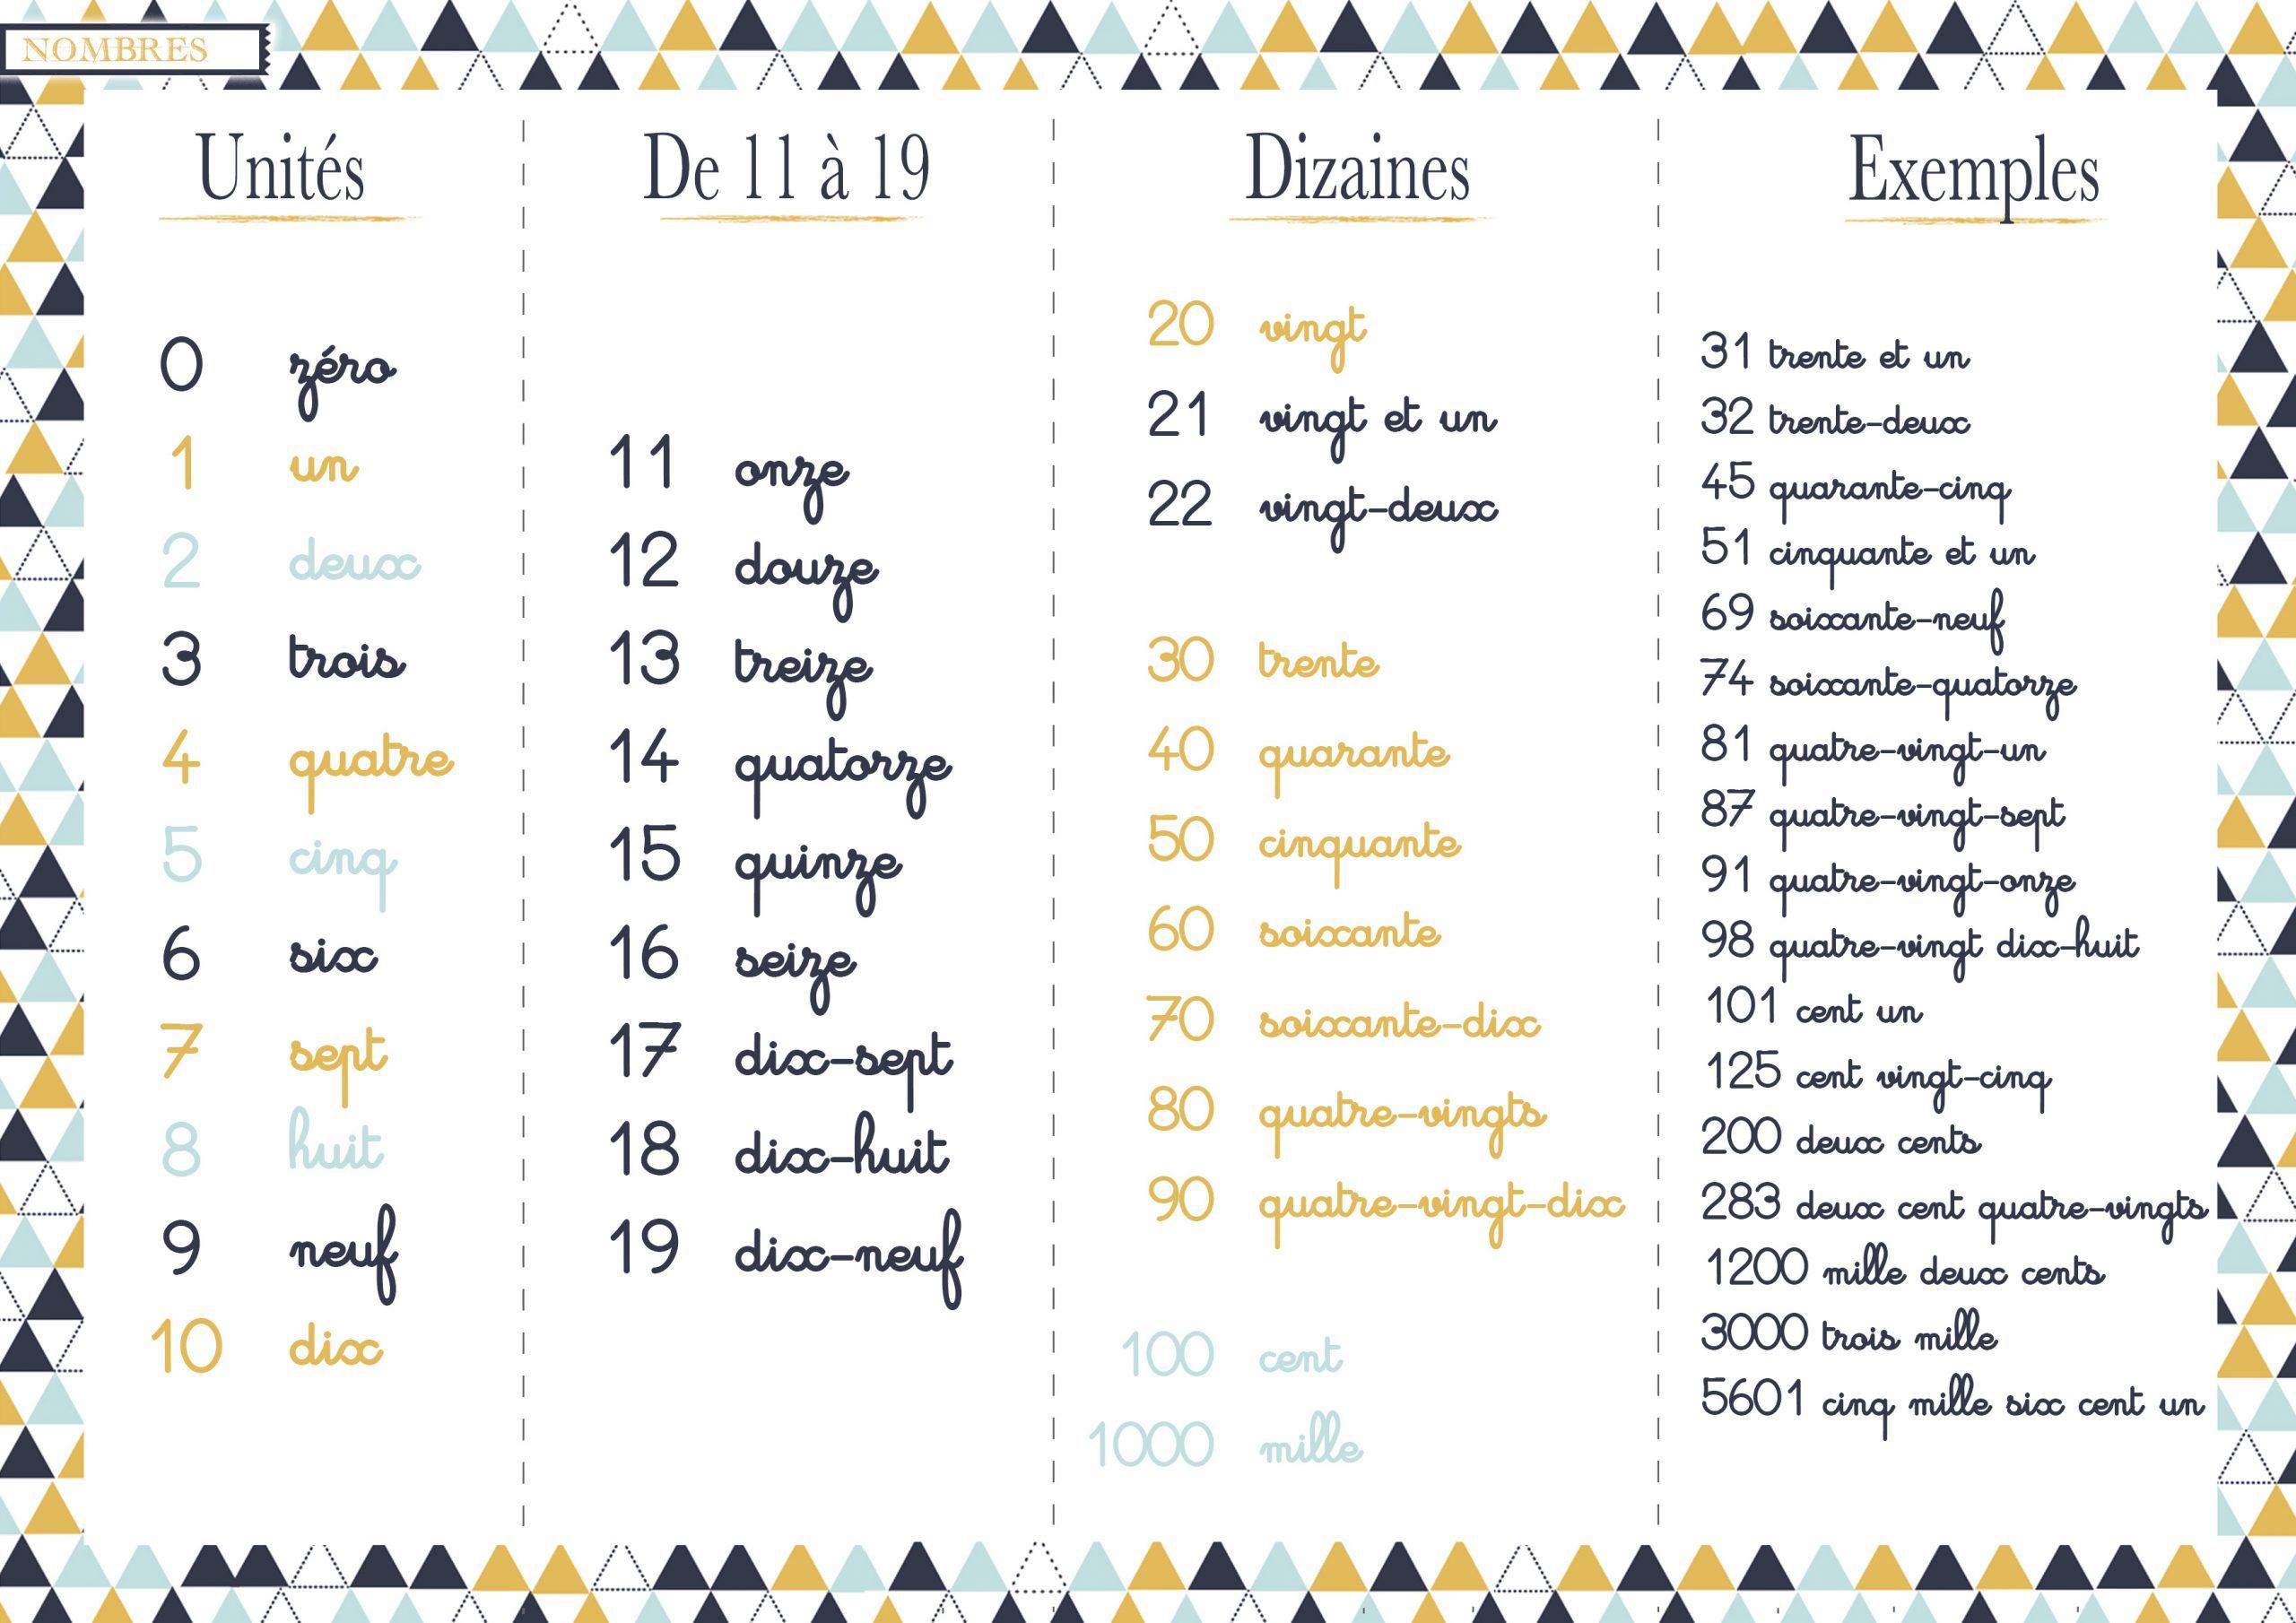 Ecriture Des Nombres - Les Activités De Maman dedans Écriture Chiffres Maternelle